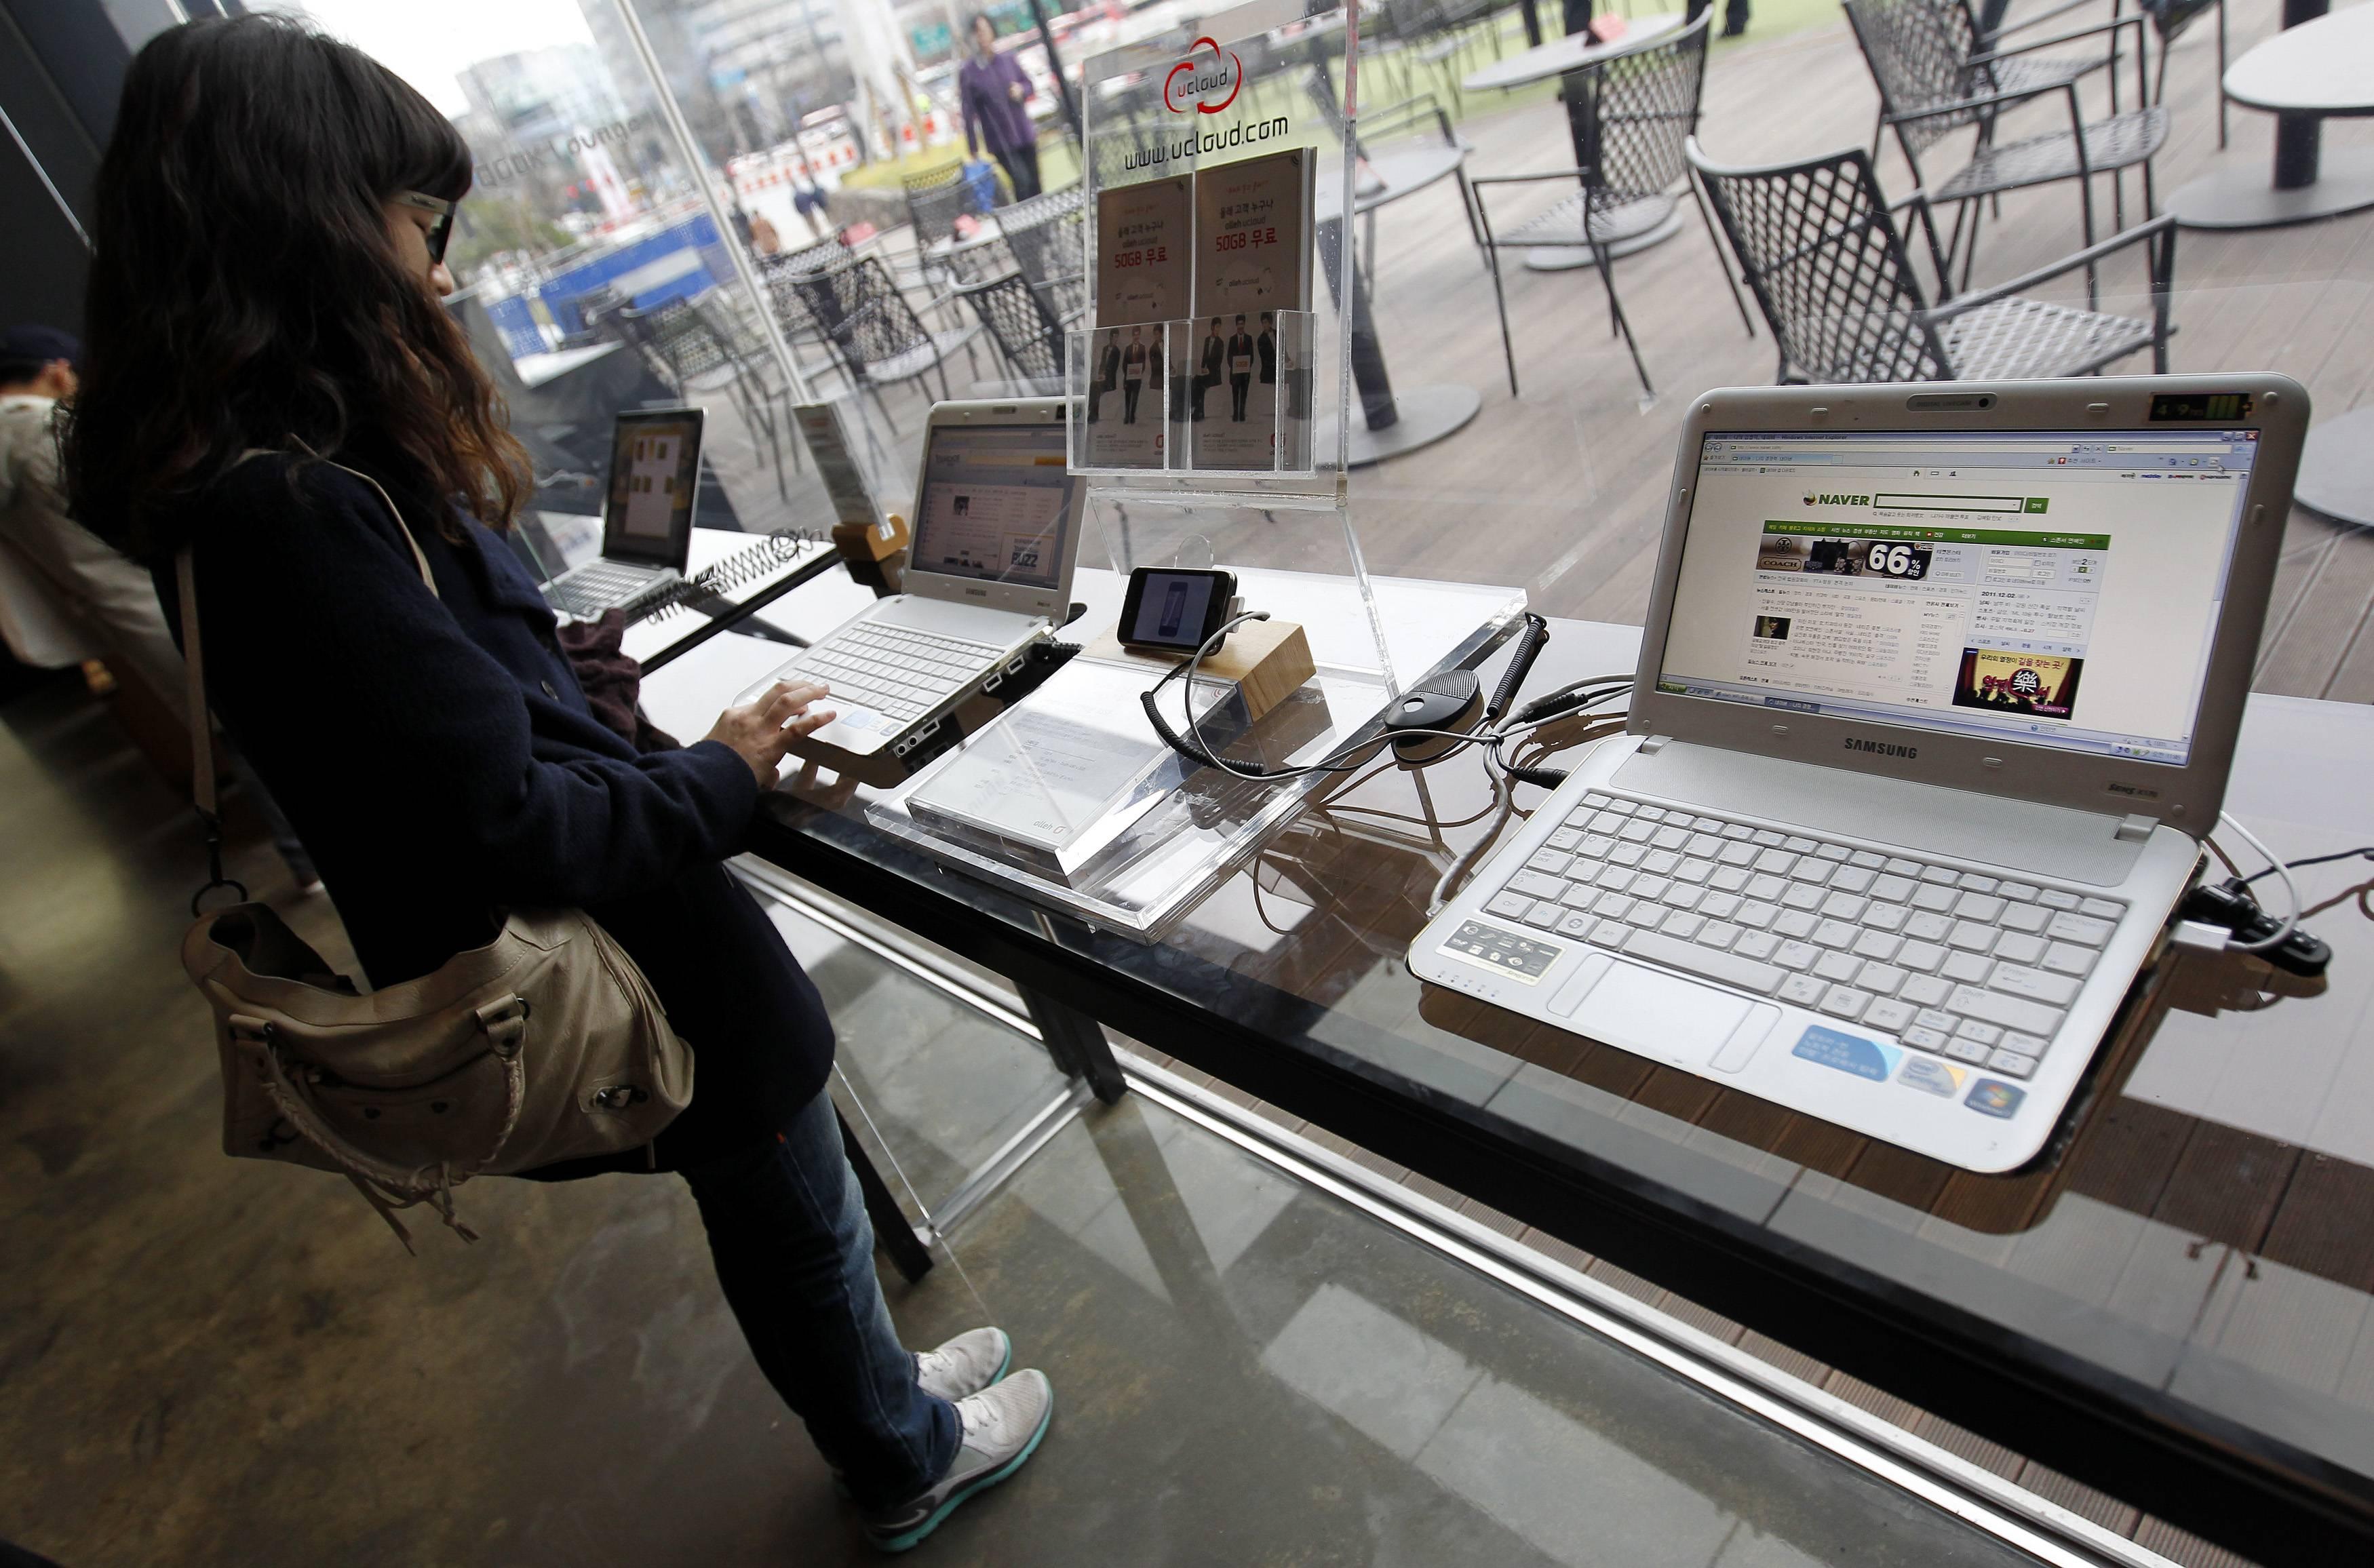 λίστα απάτες στο διαδίκτυο Ξεκινήστε την online επιχείρηση γνωριμιών